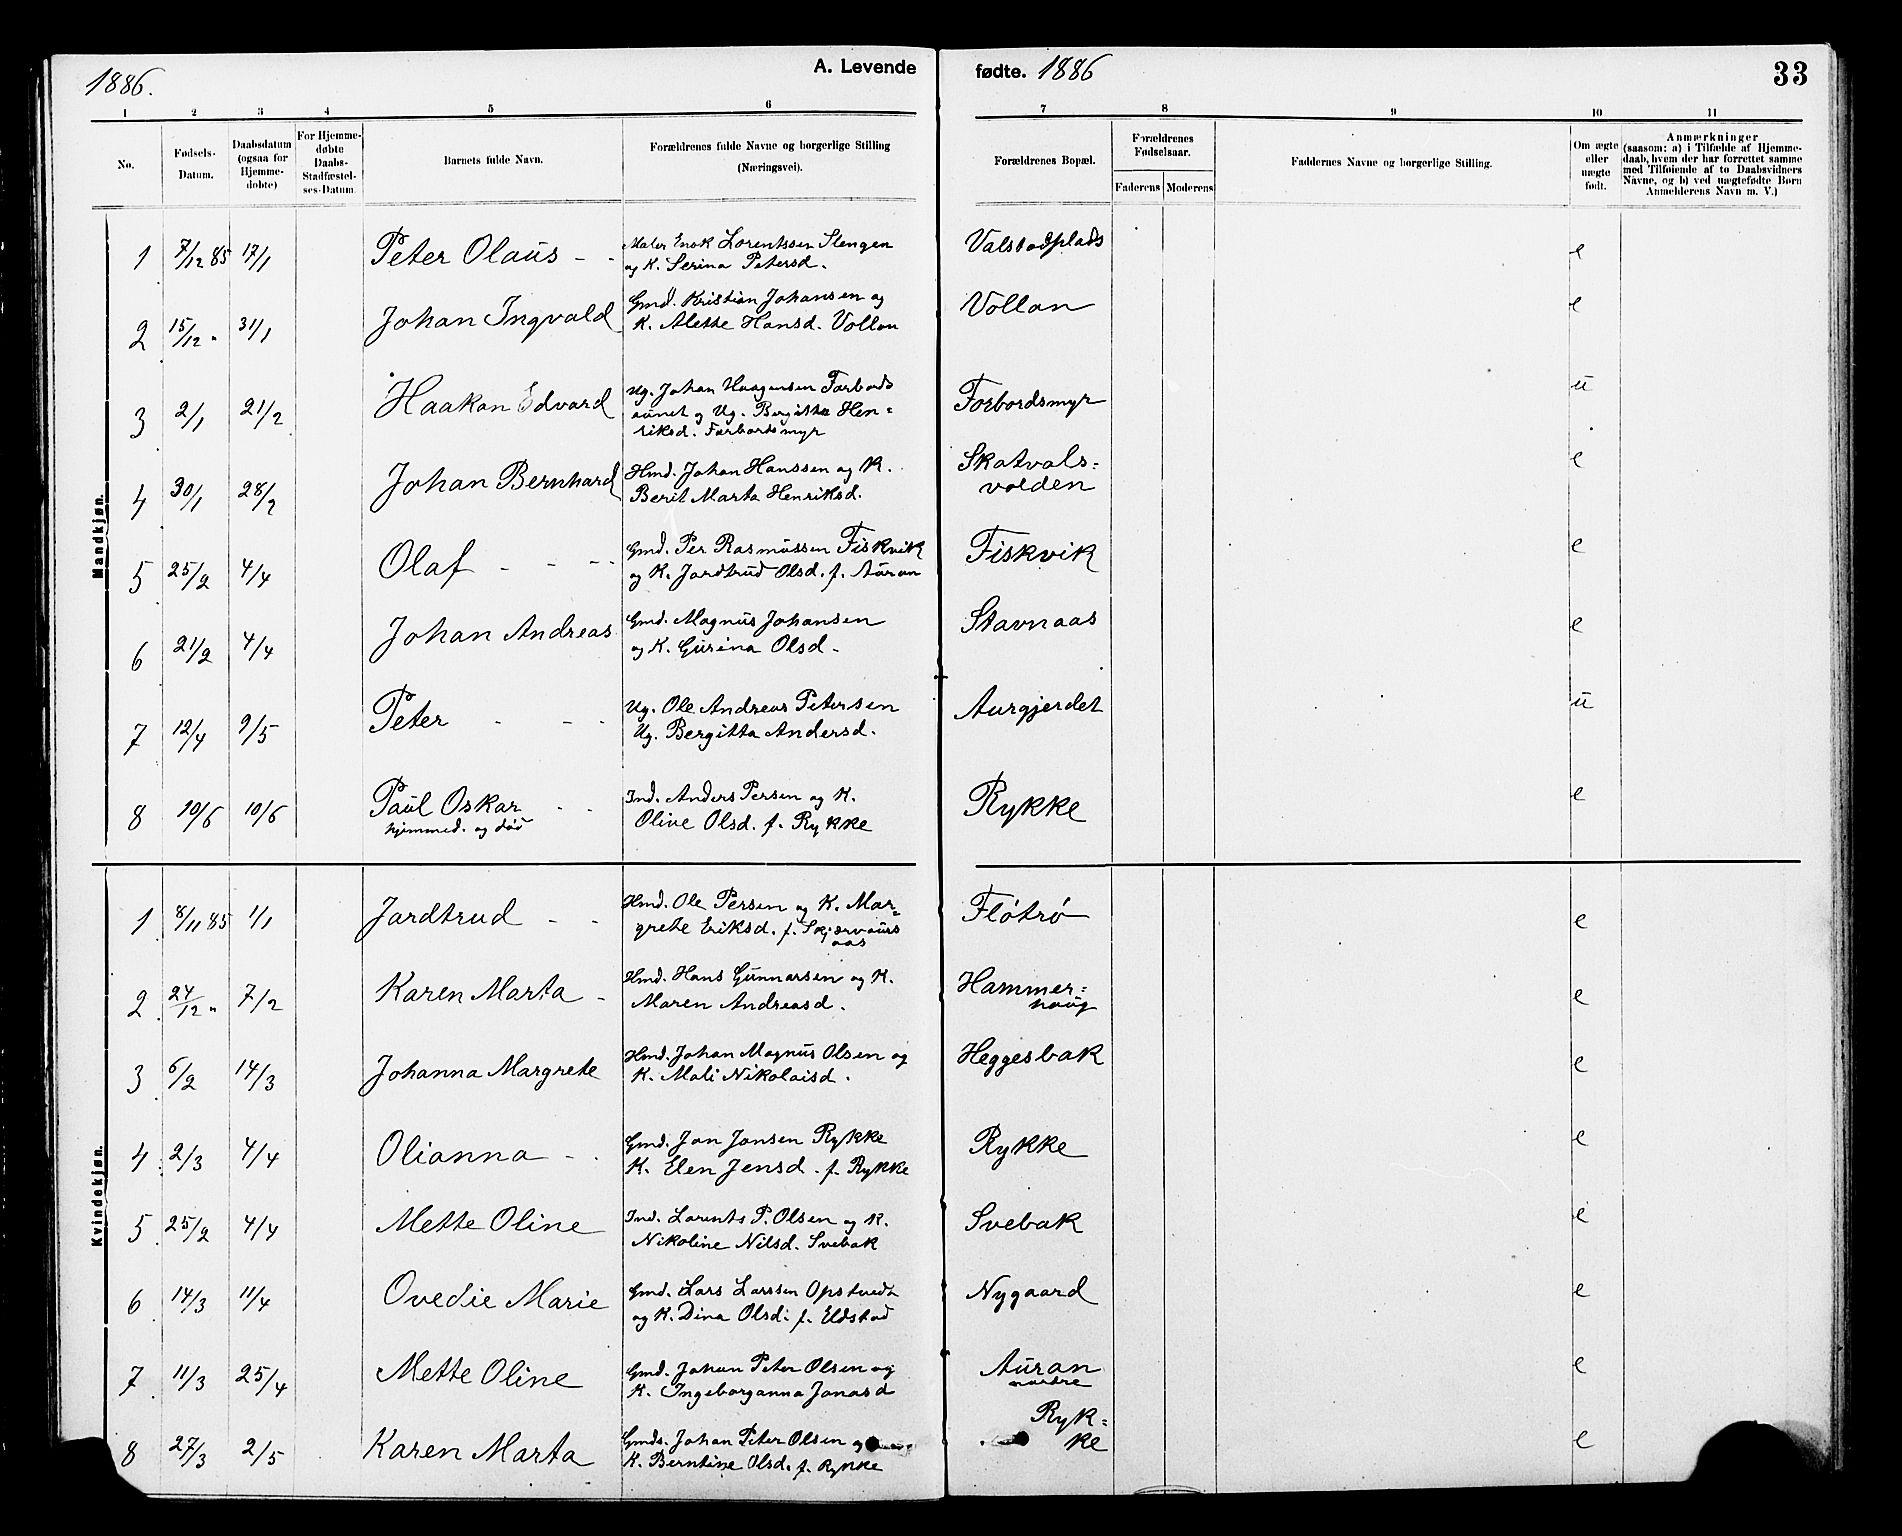 SAT, Ministerialprotokoller, klokkerbøker og fødselsregistre - Nord-Trøndelag, 712/L0103: Klokkerbok nr. 712C01, 1878-1917, s. 33